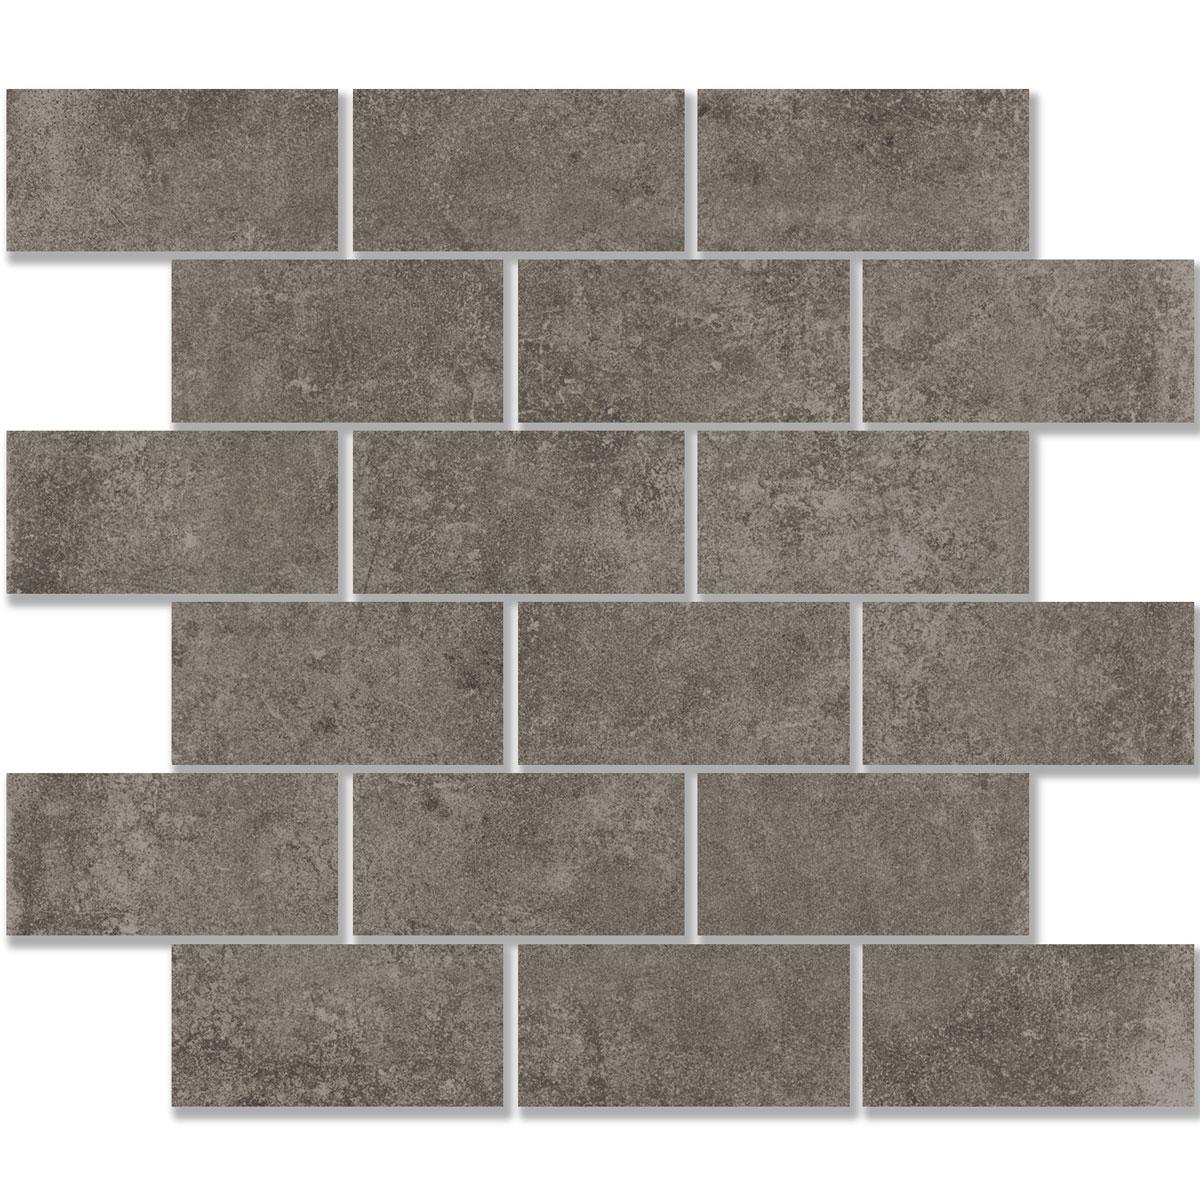 CAPETOWN timeless grey (graubraun) Typ Image